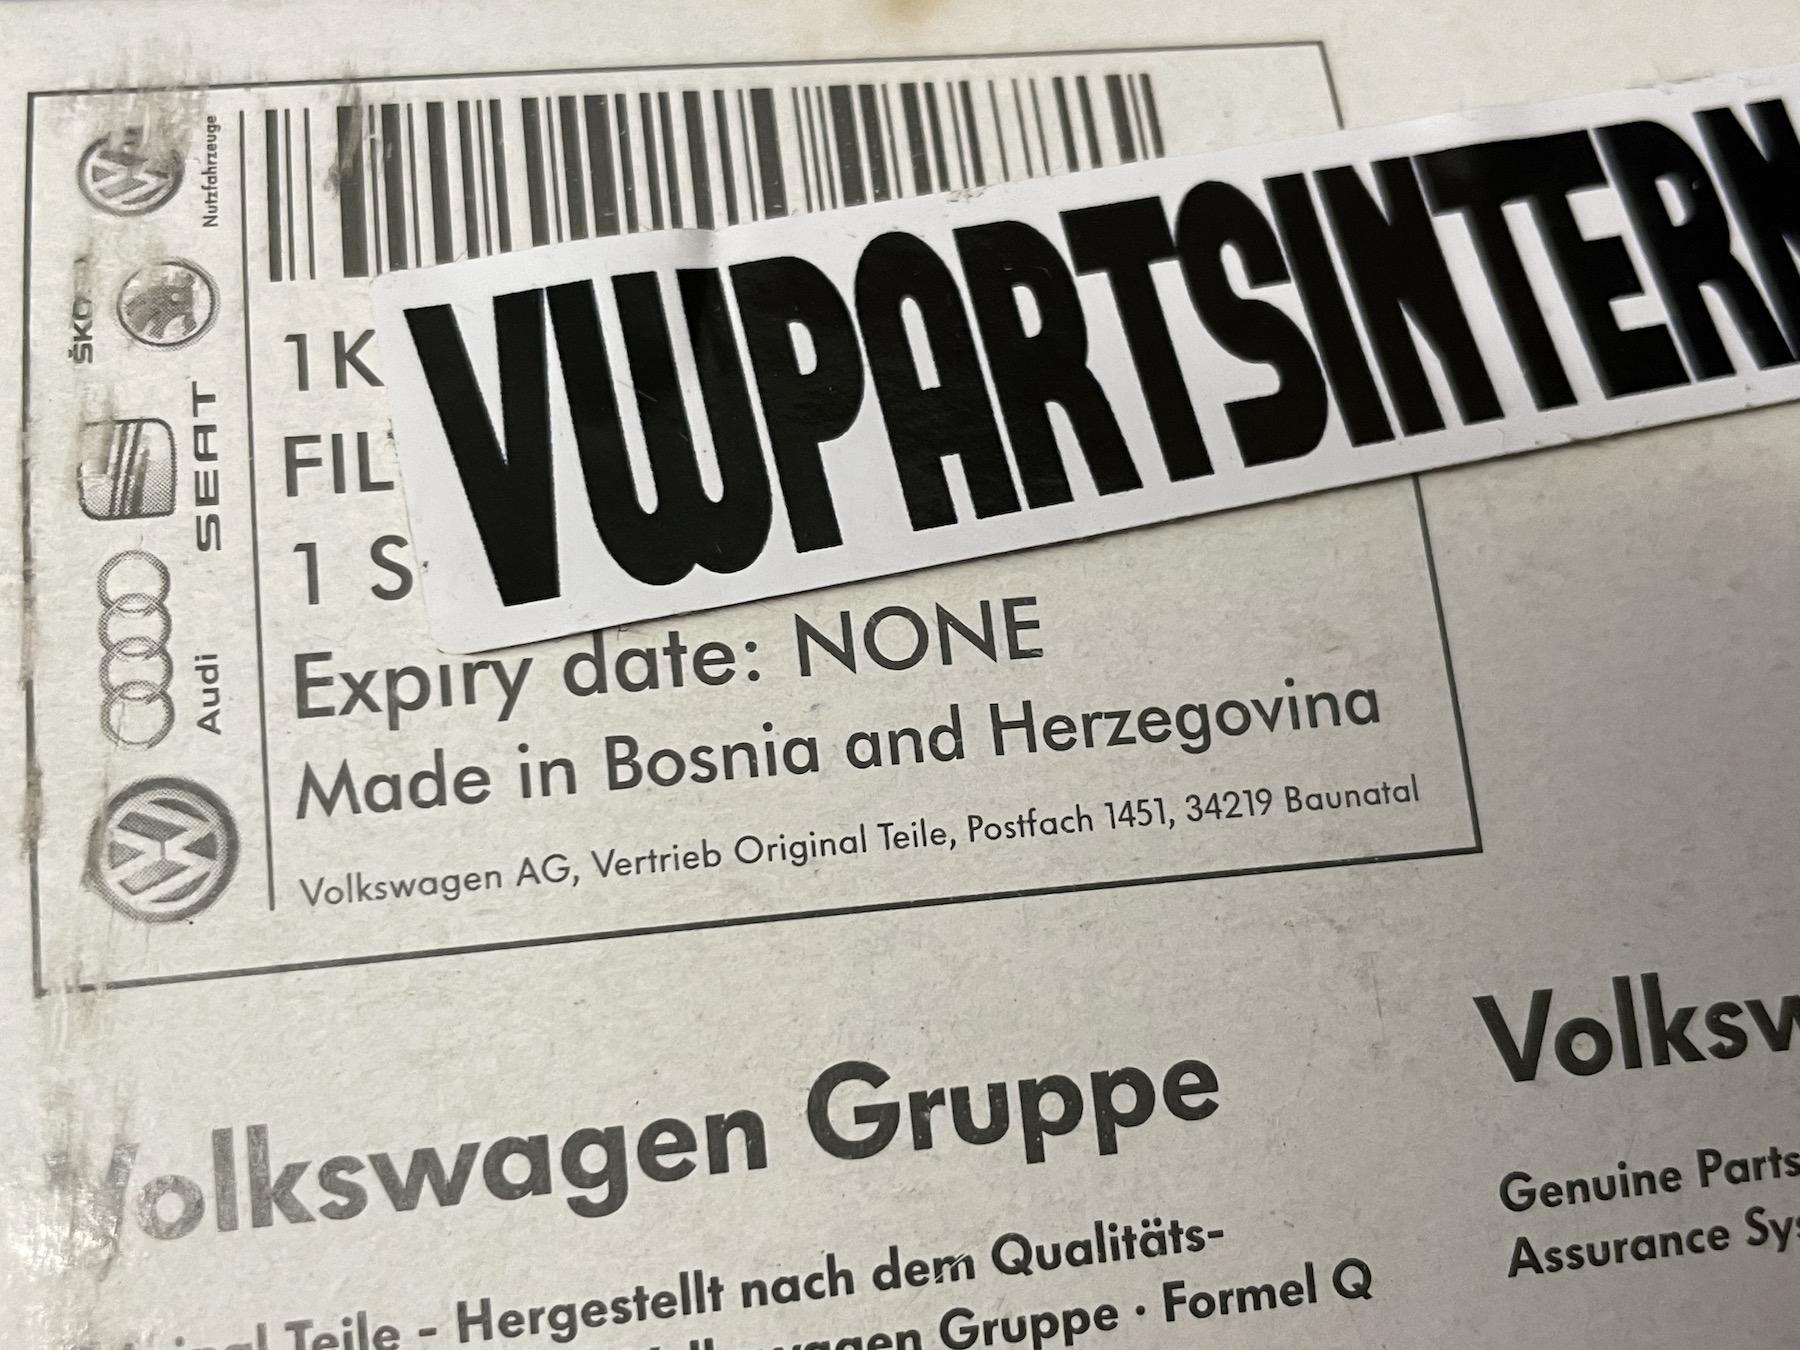 Genuine OEM Volkswagen Parts Made Worldwide